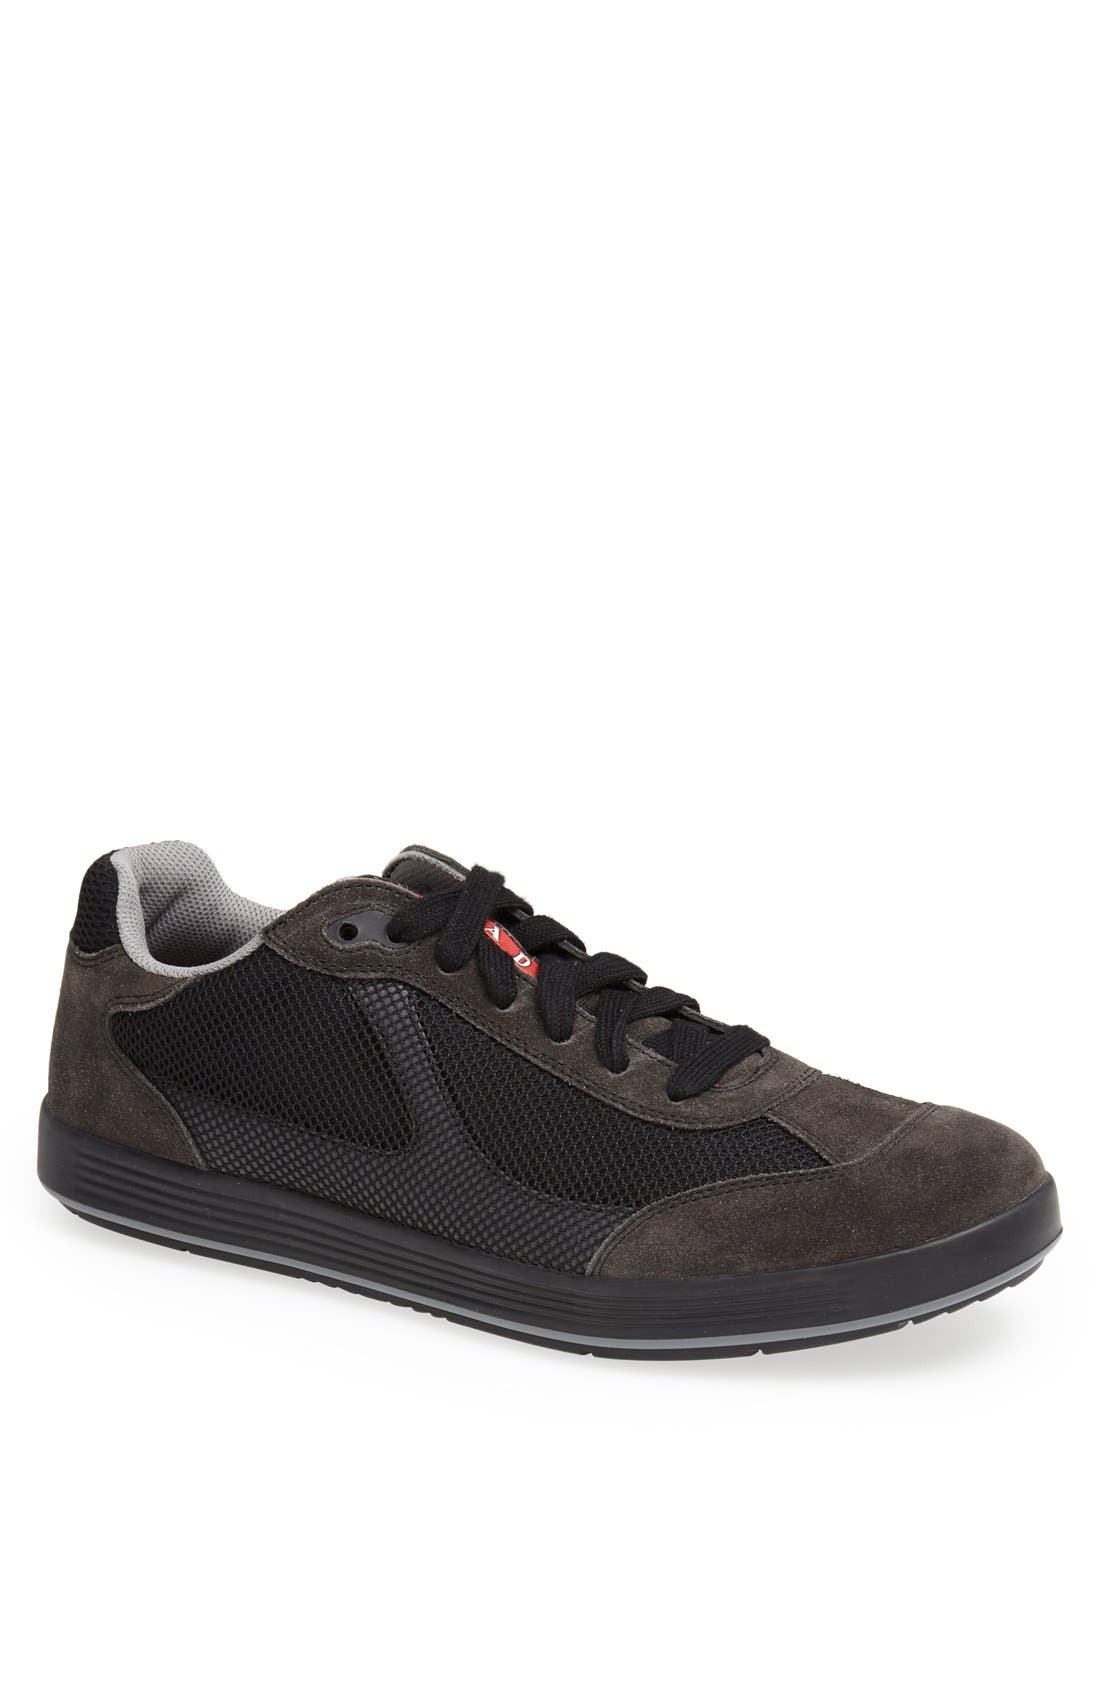 Alternate Image 1 Selected - Prada Mesh Sneaker